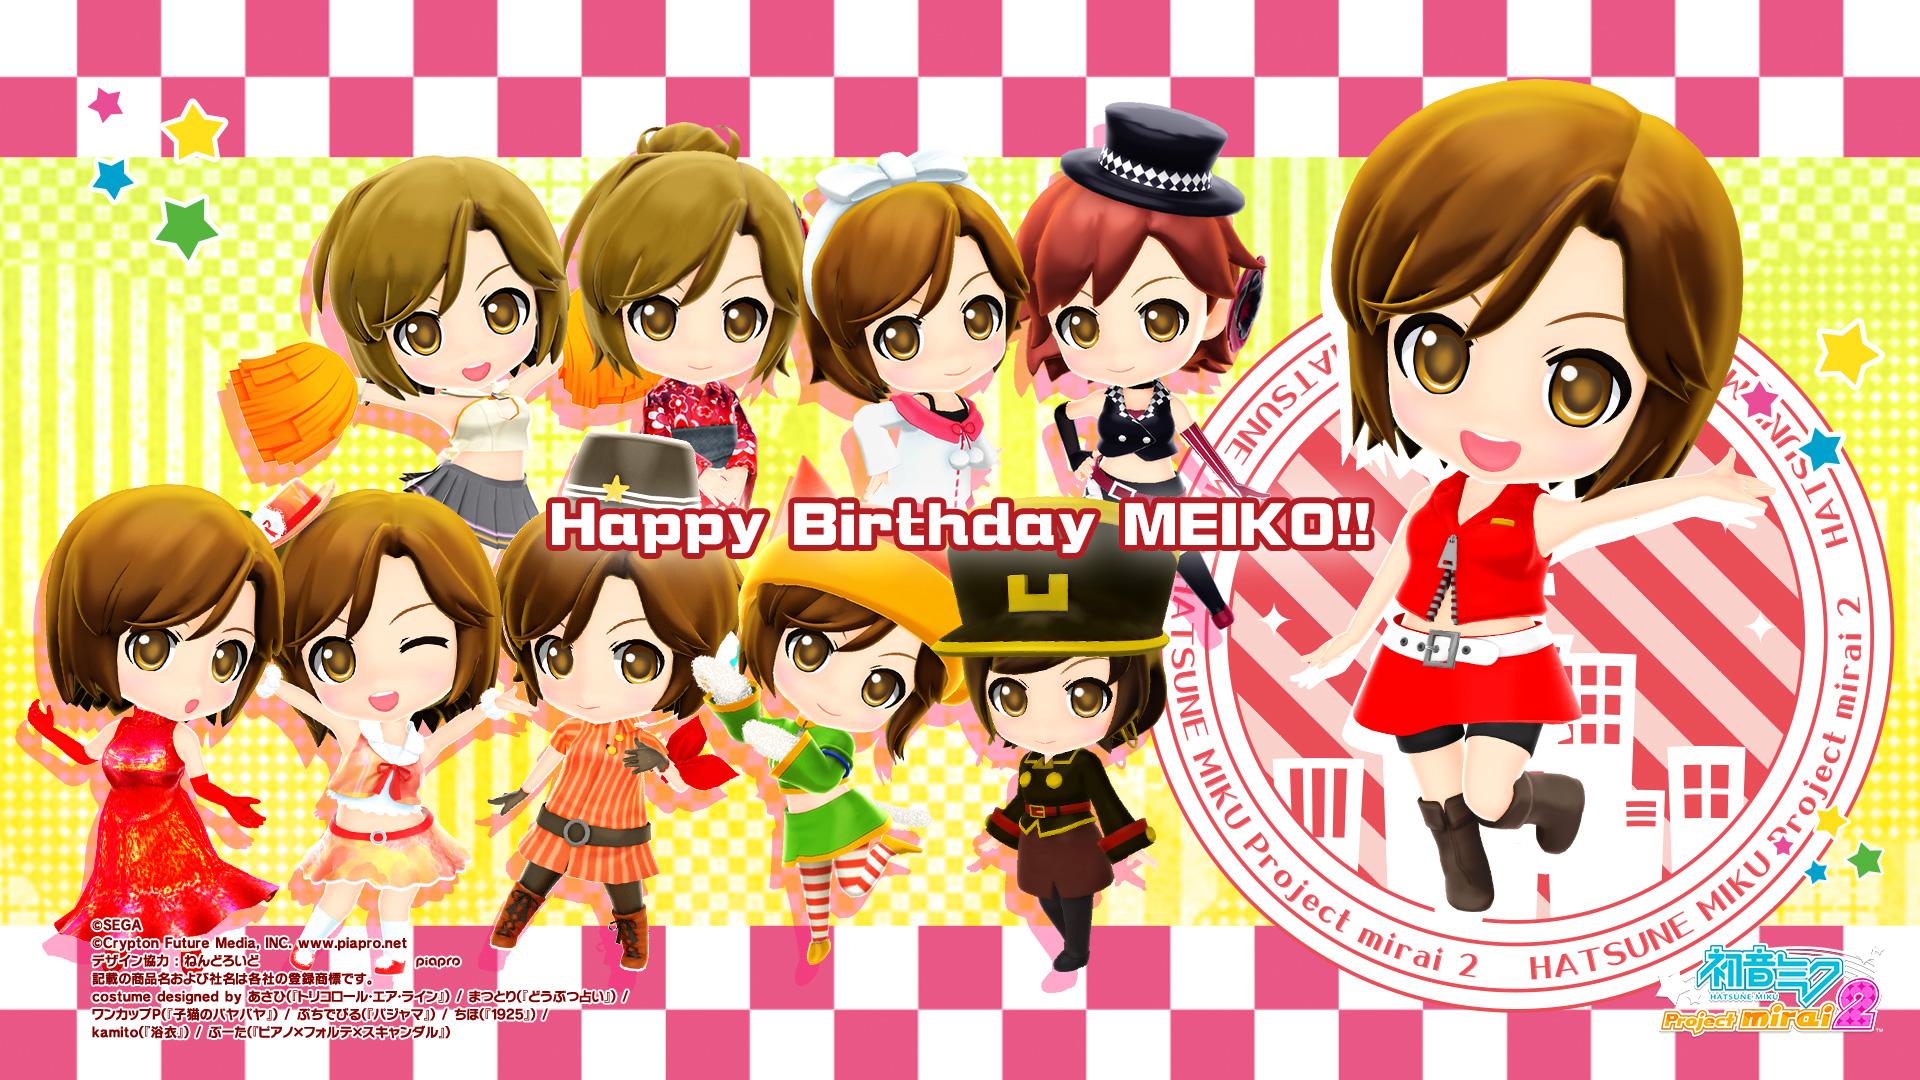 Meikoさん9周年おめでとうございます 今年もお祝いの壁紙作っちゃい